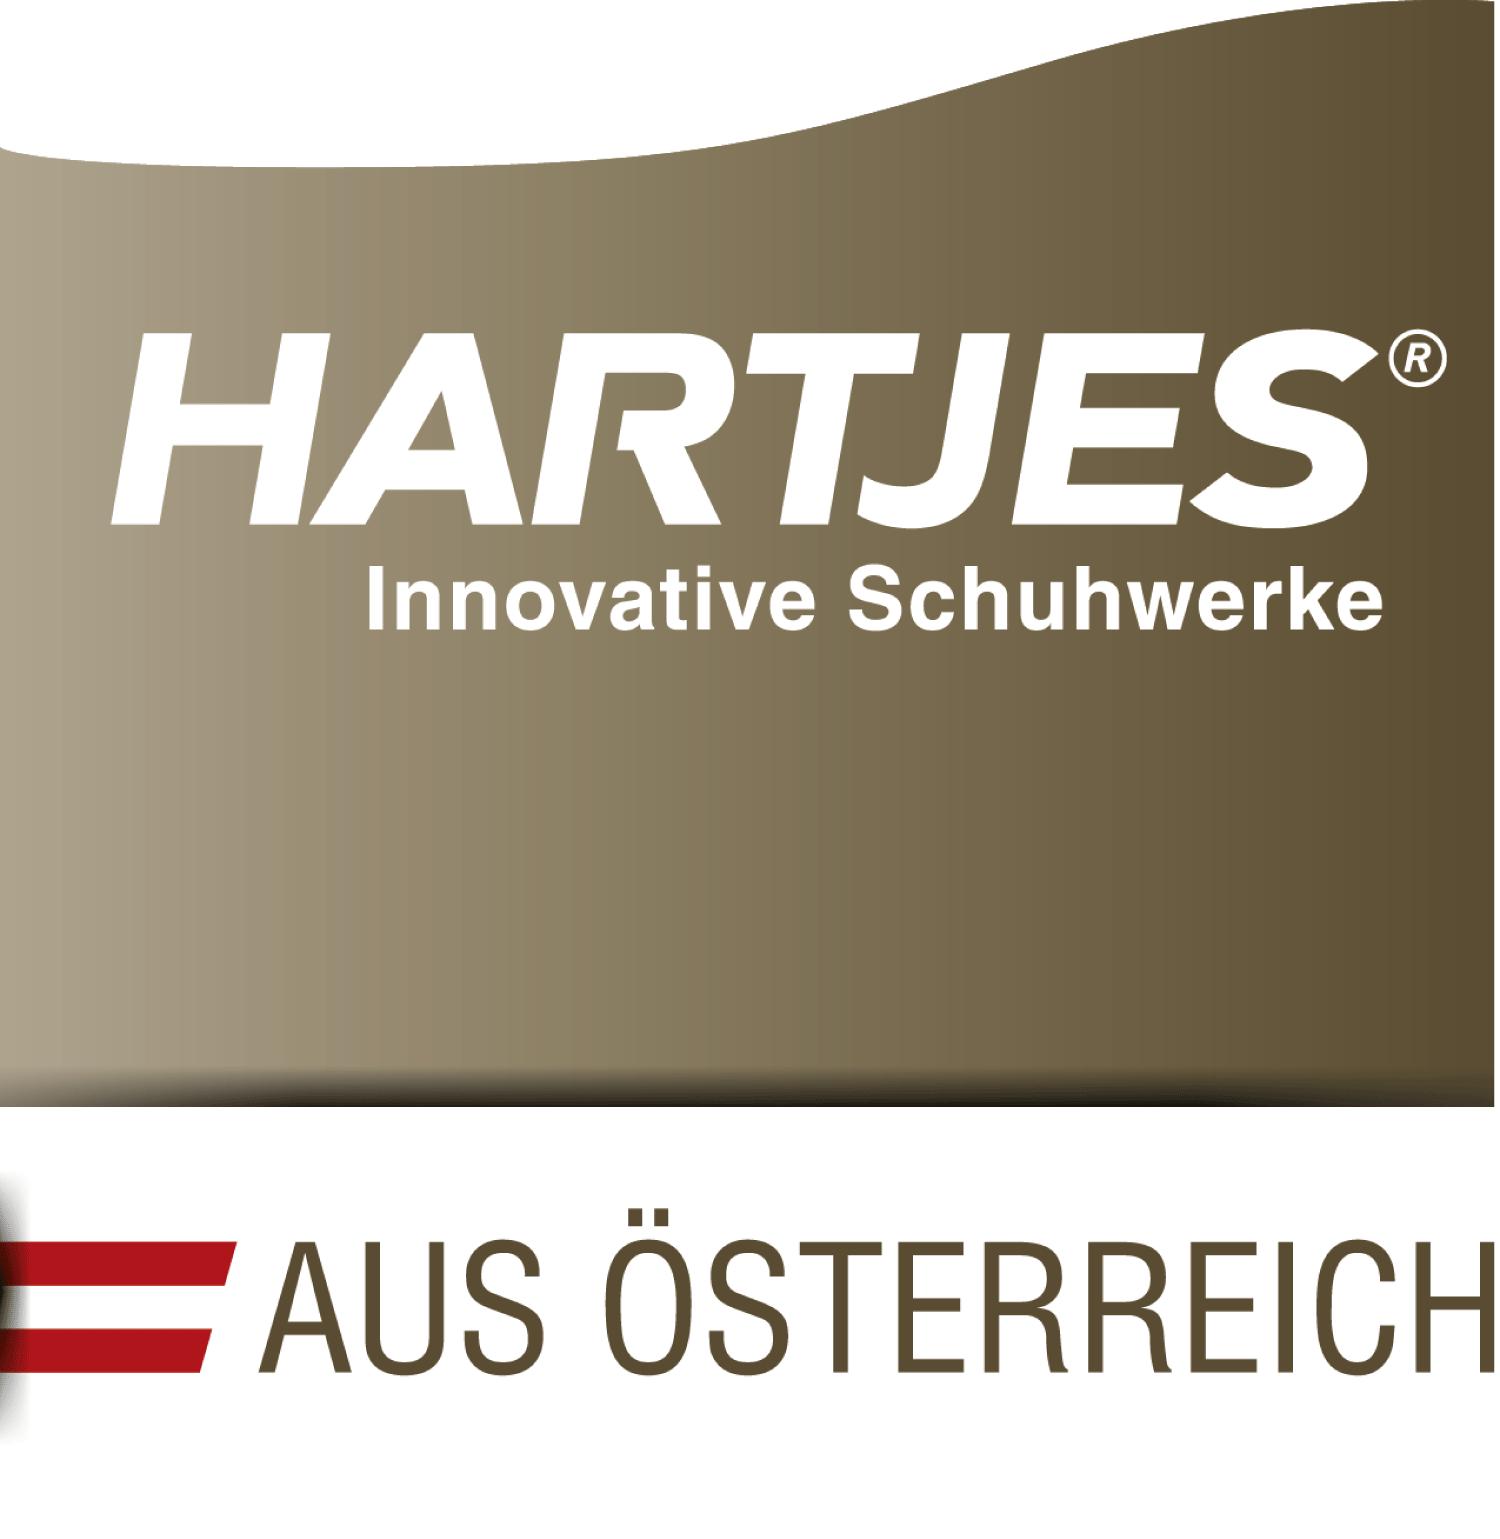 Hartjes Logo, Kürmayr Schuhe Schuhmode Kürmayr